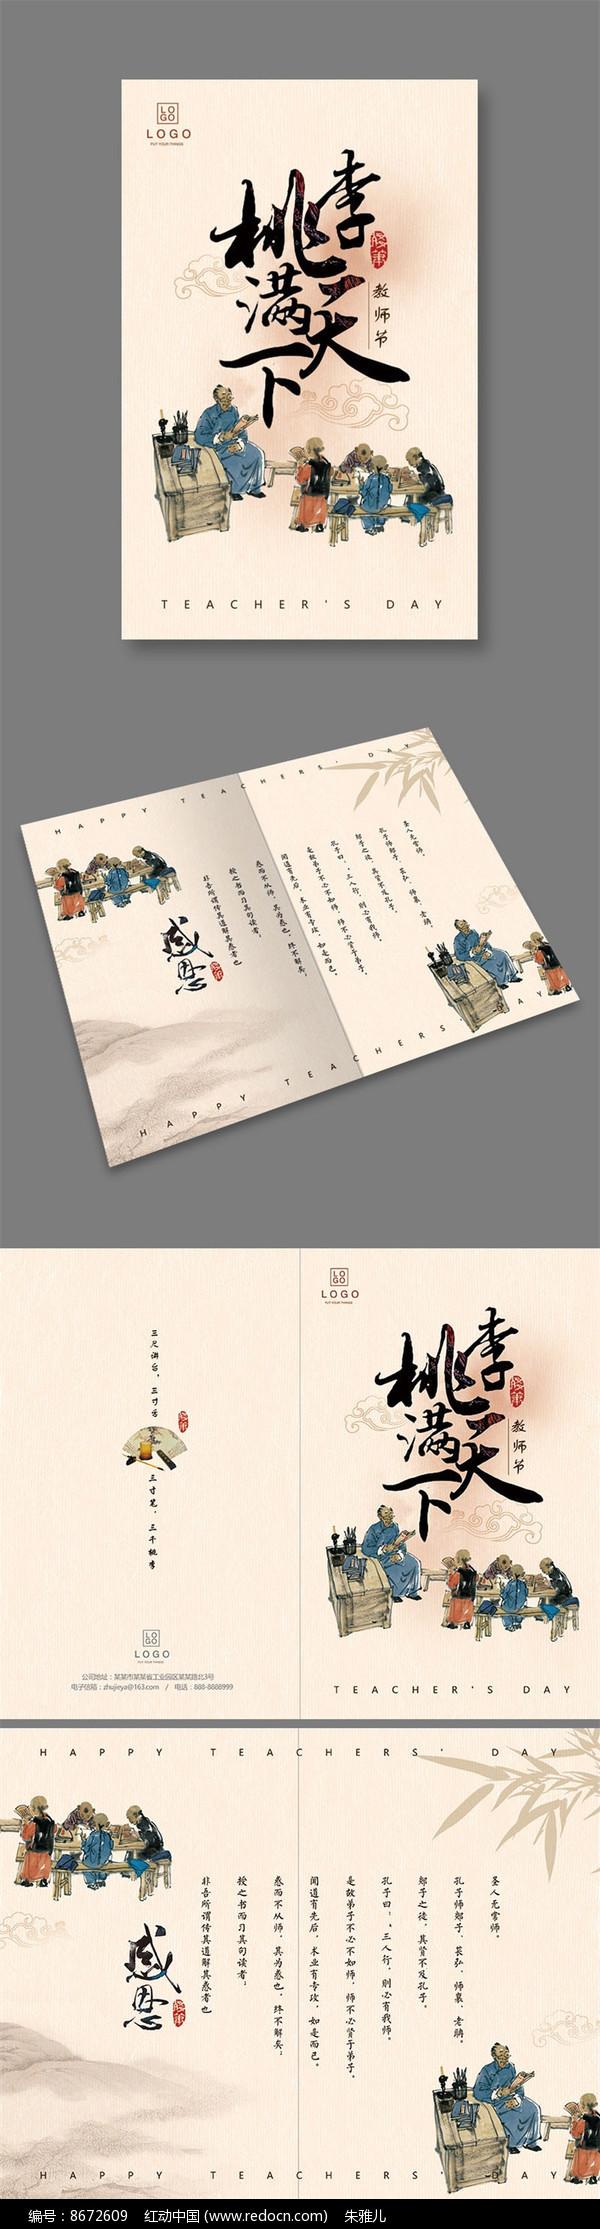 中国风教师节贺卡图片